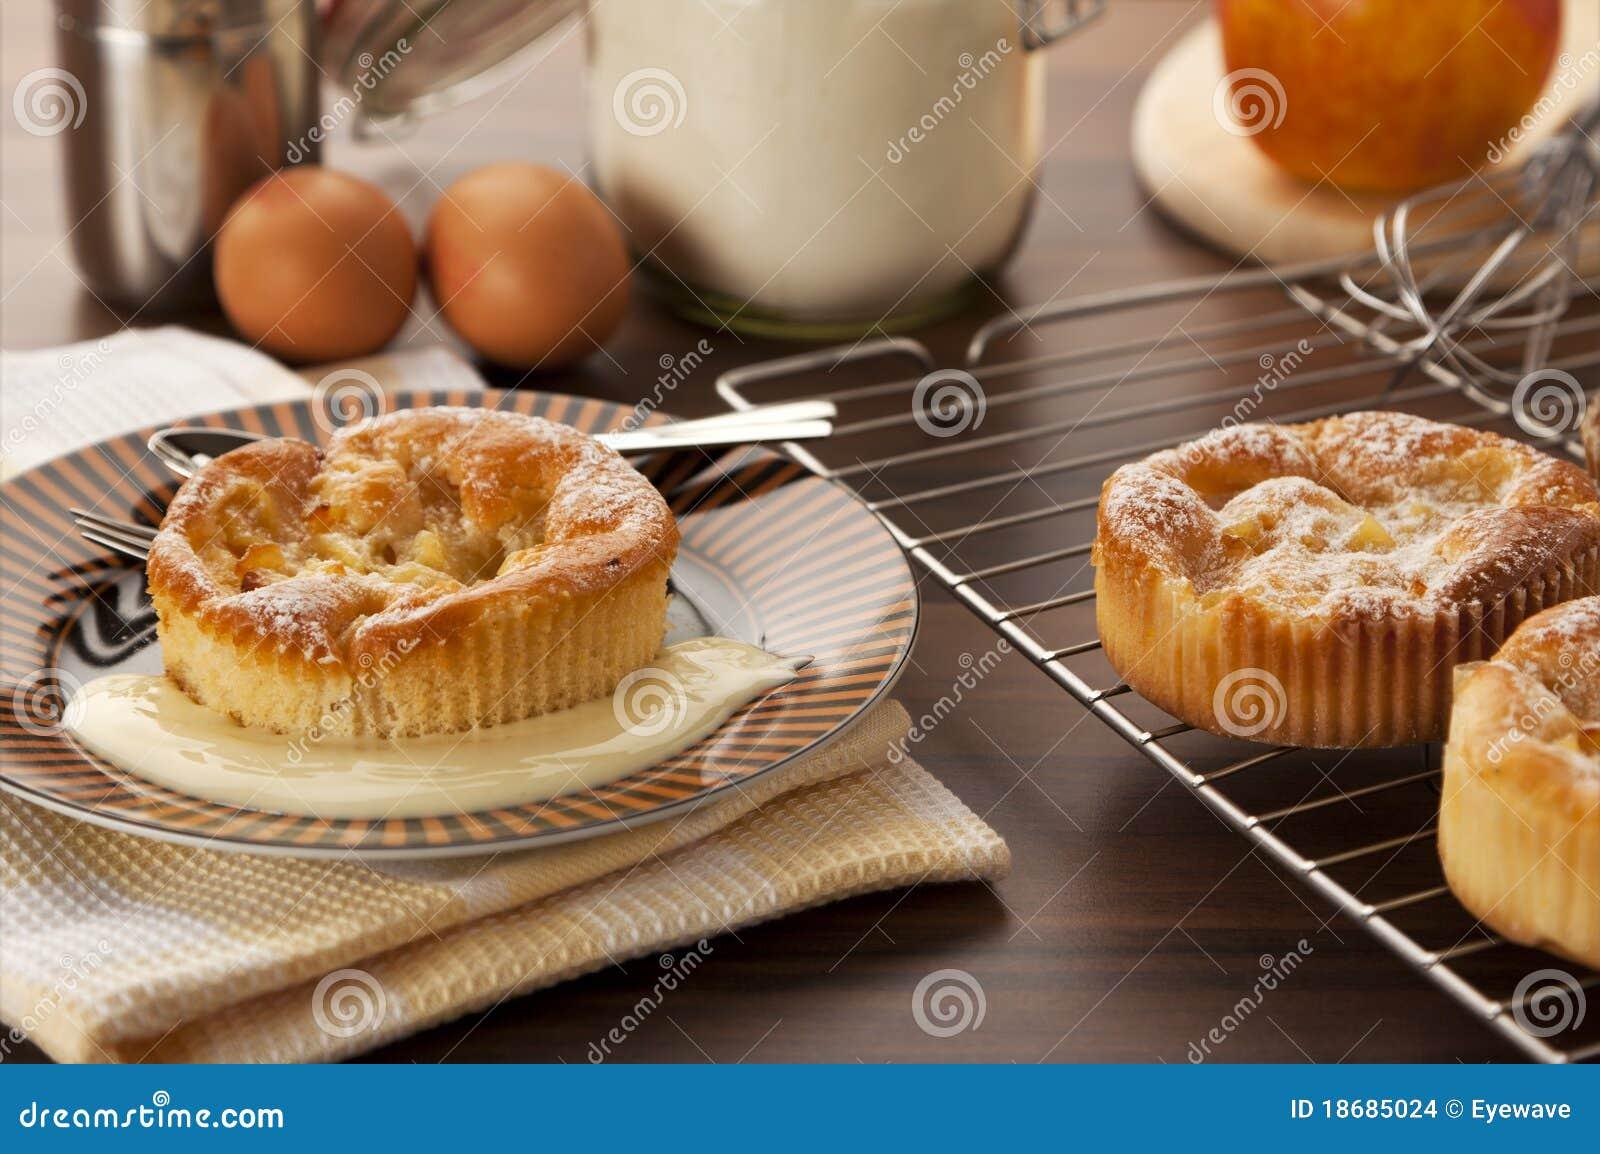 Recette gateau aux pommes allemand